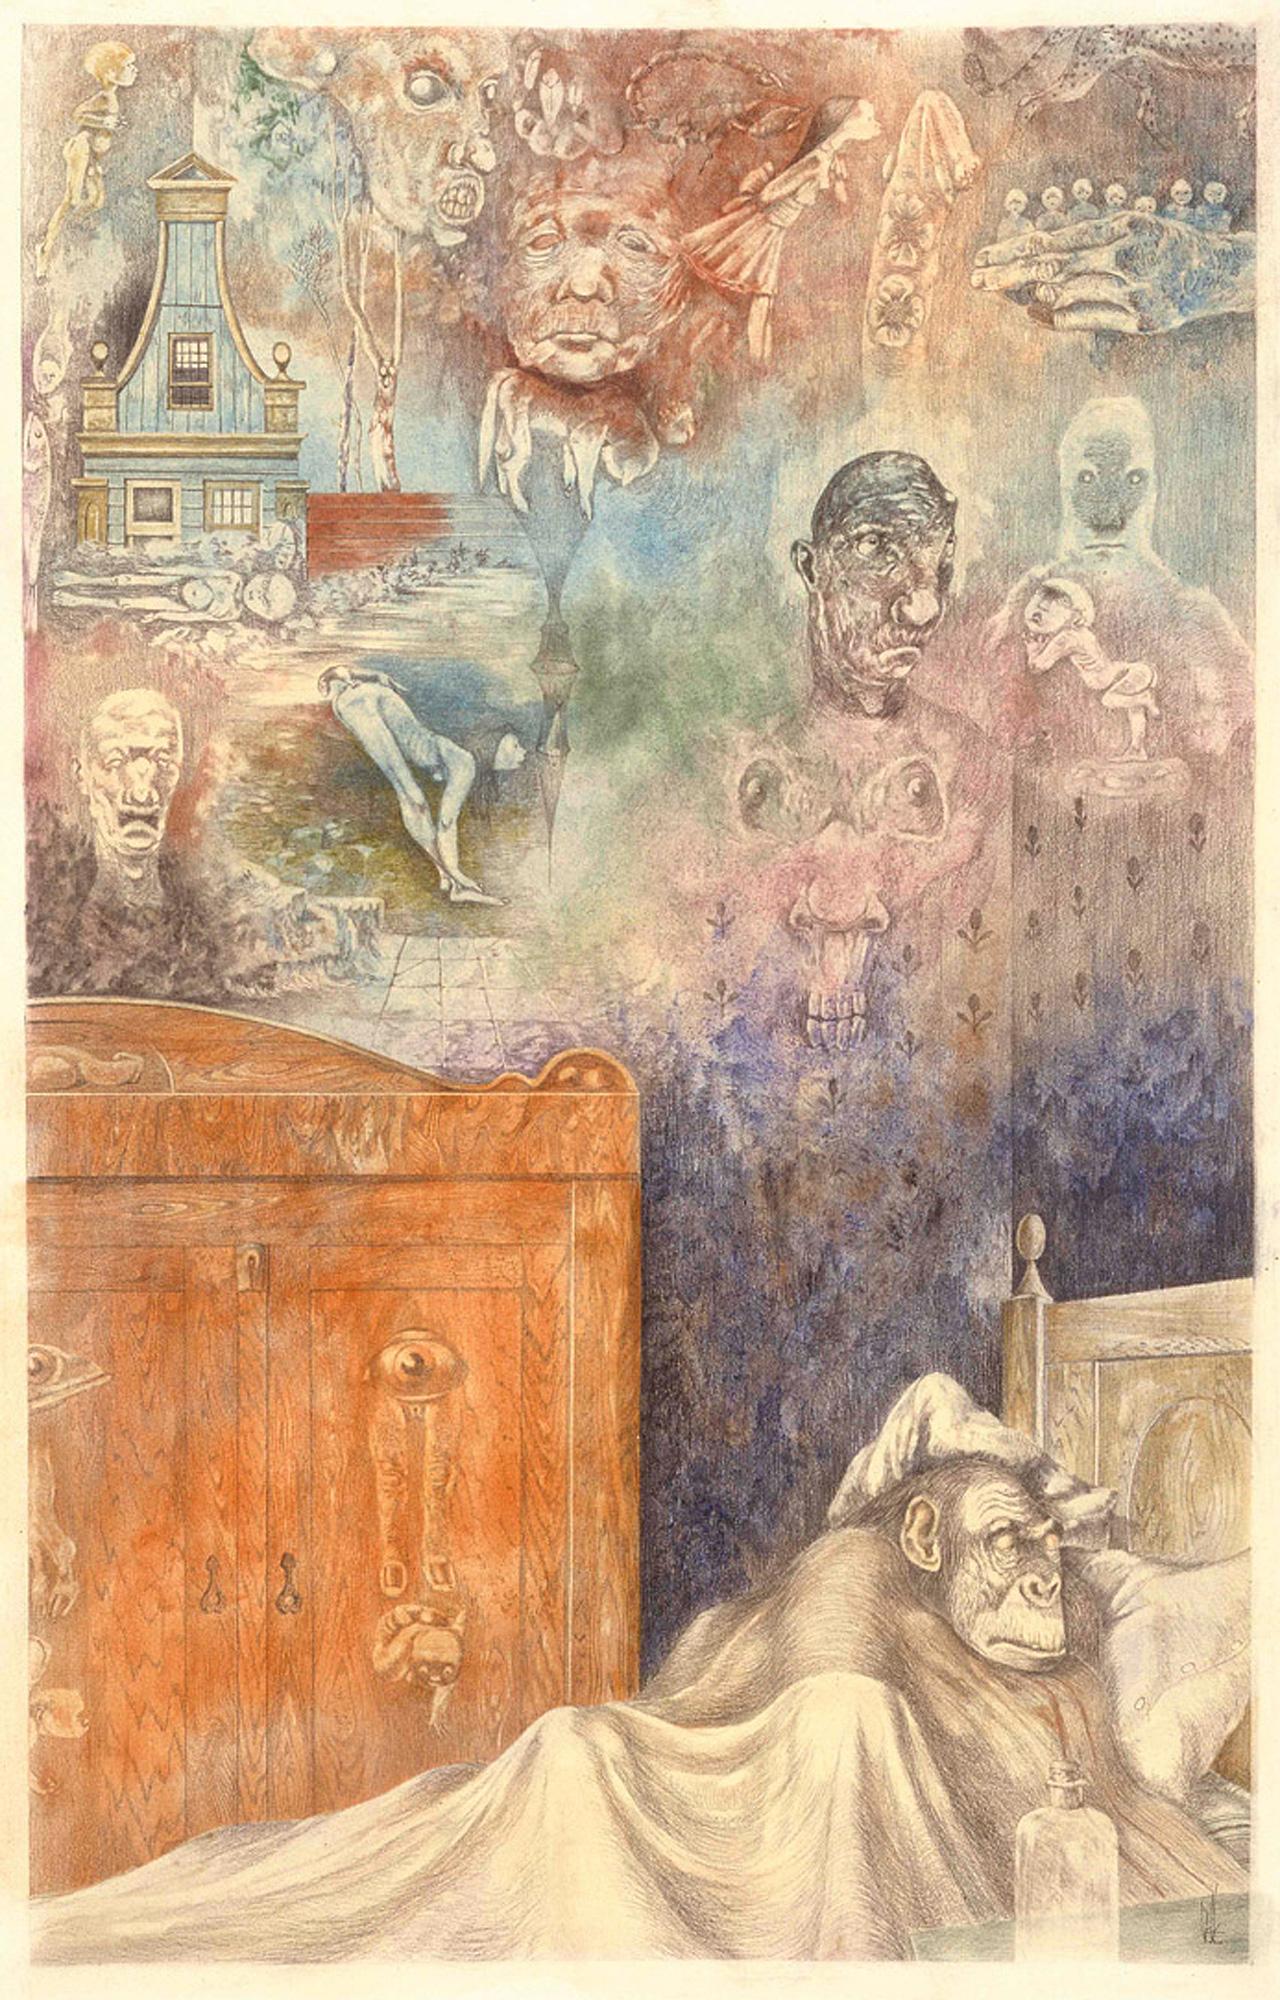 Melle schilder   Zieke aap, pastel, potlood op papier